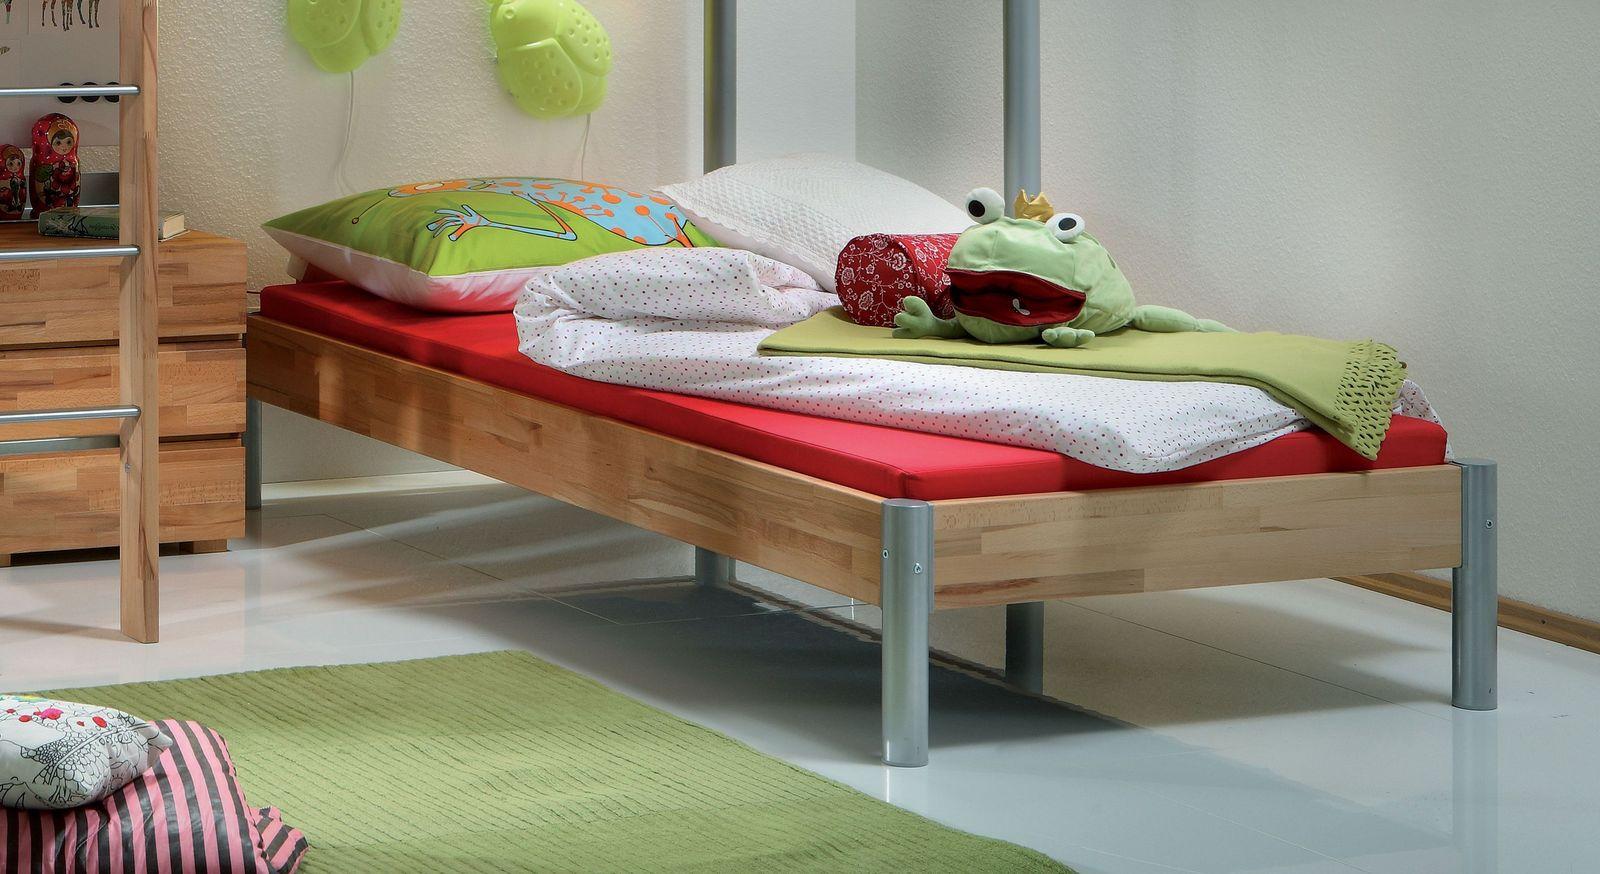 Eck-Etagenbett Lorena mit praktischem Schlafplatz